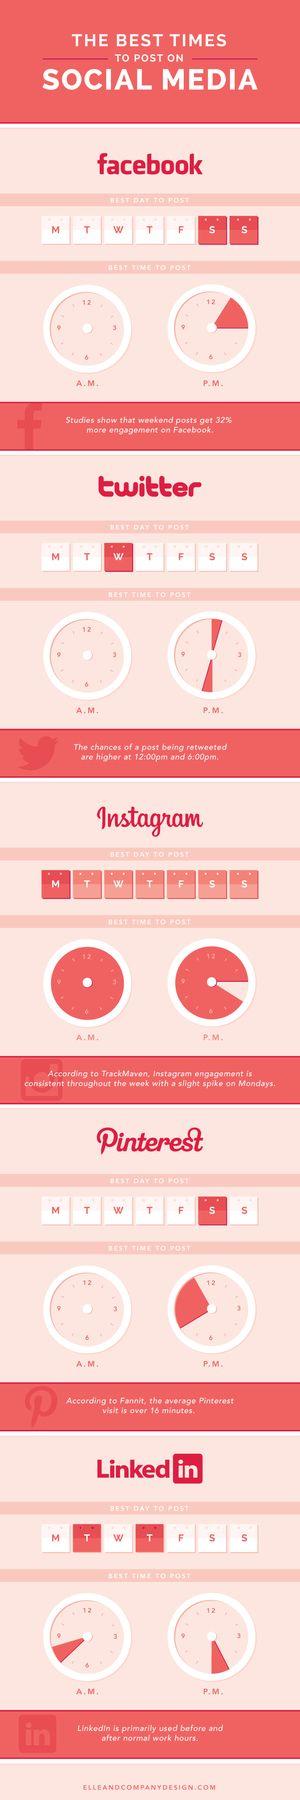 Знак + Лучший + раз + в + сообщение + до + + социального медиа + - + + Elle & + Company.jpeg